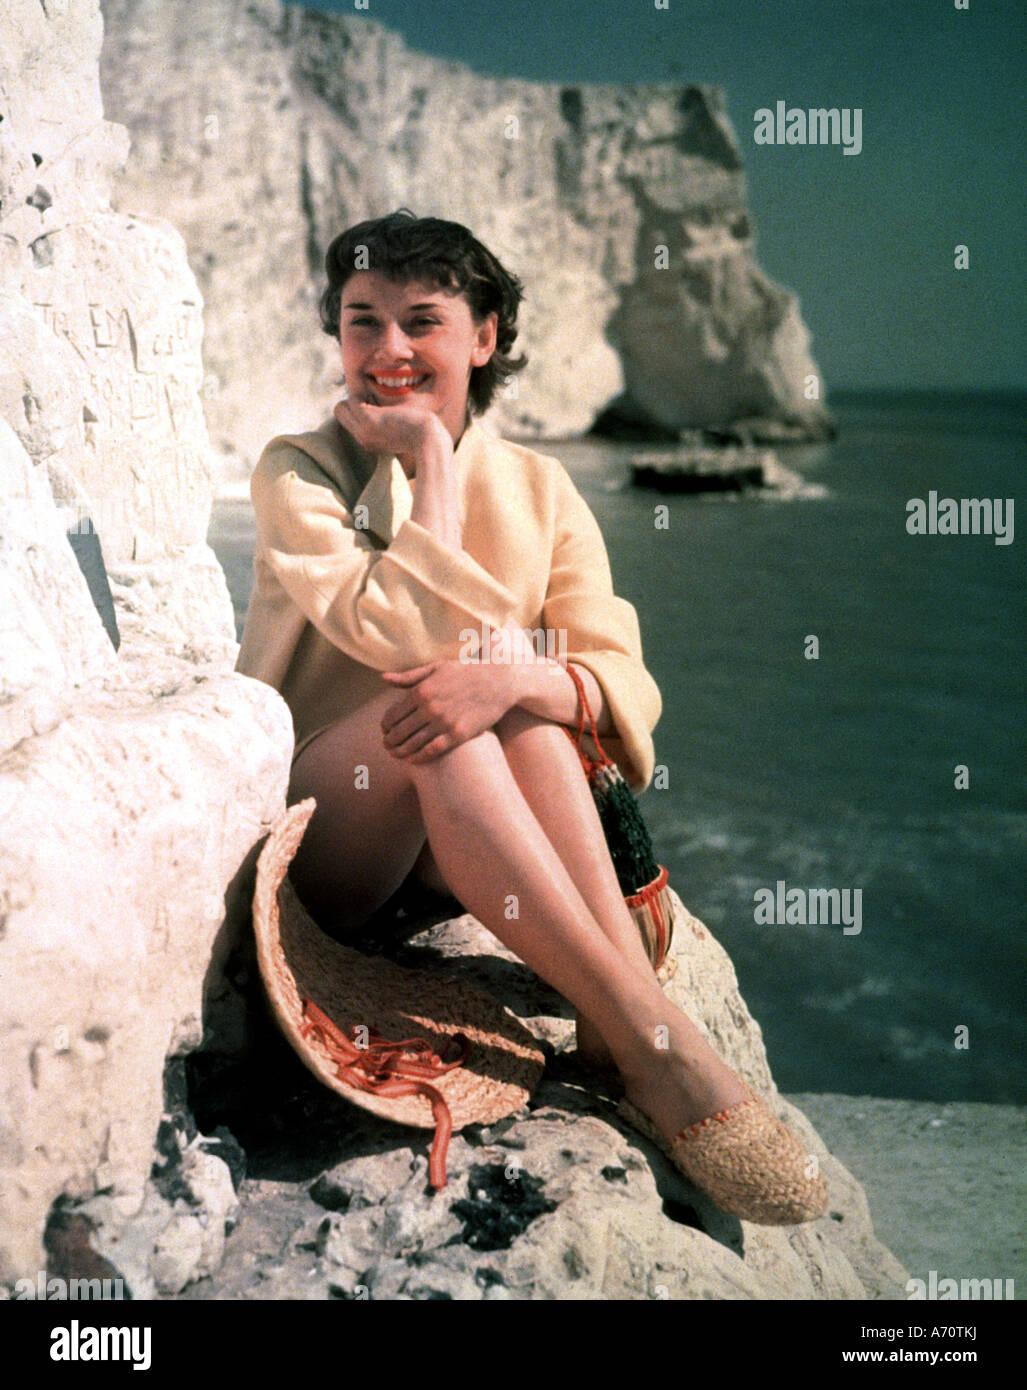 AUDREY HEPBURN  - film actress about 1952 - Stock Image